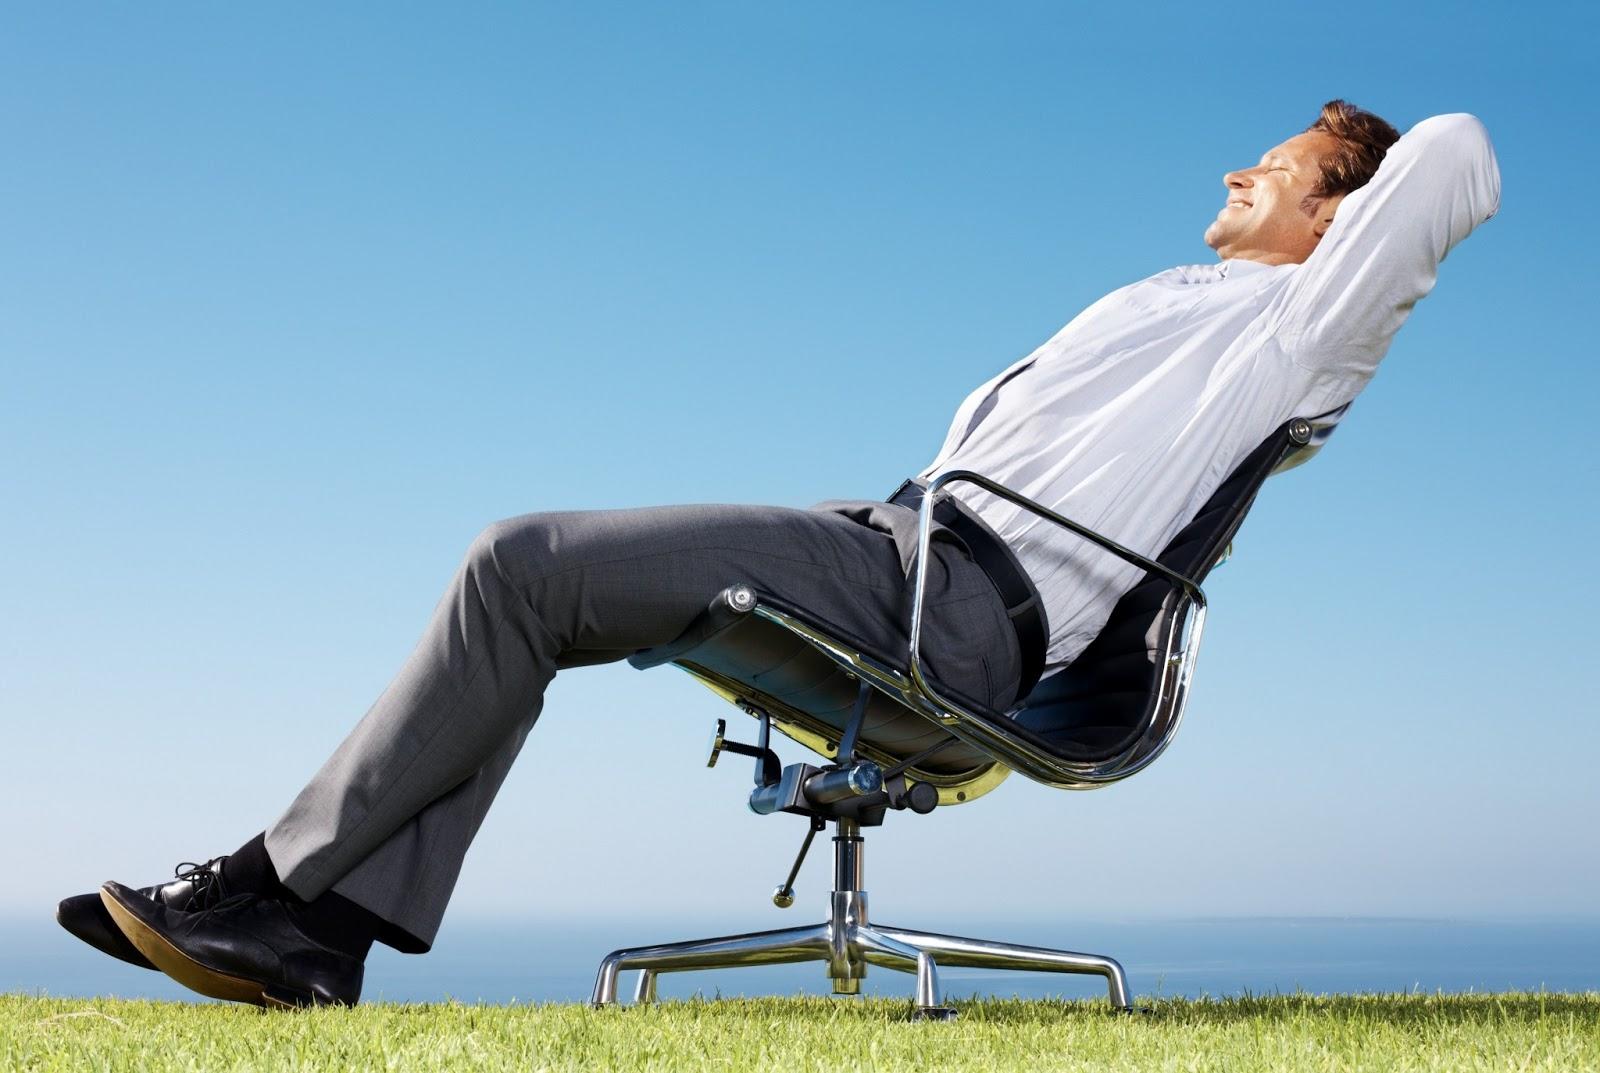 Conheça as regras básicas para começar bem o dia de trabalho